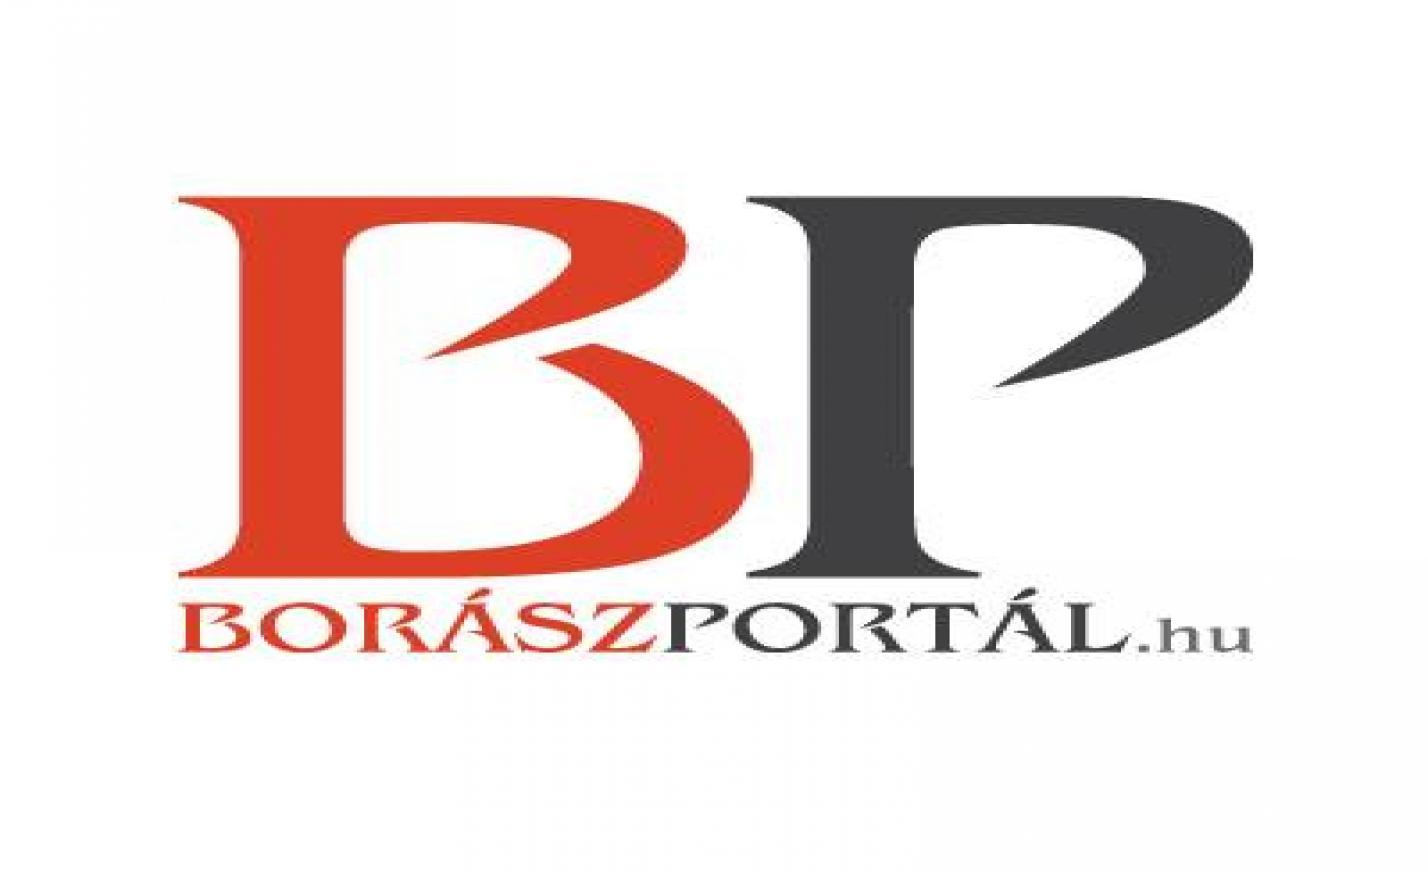 15 magyar étterem vesz részt idén a francia gasztronómia világünnepén